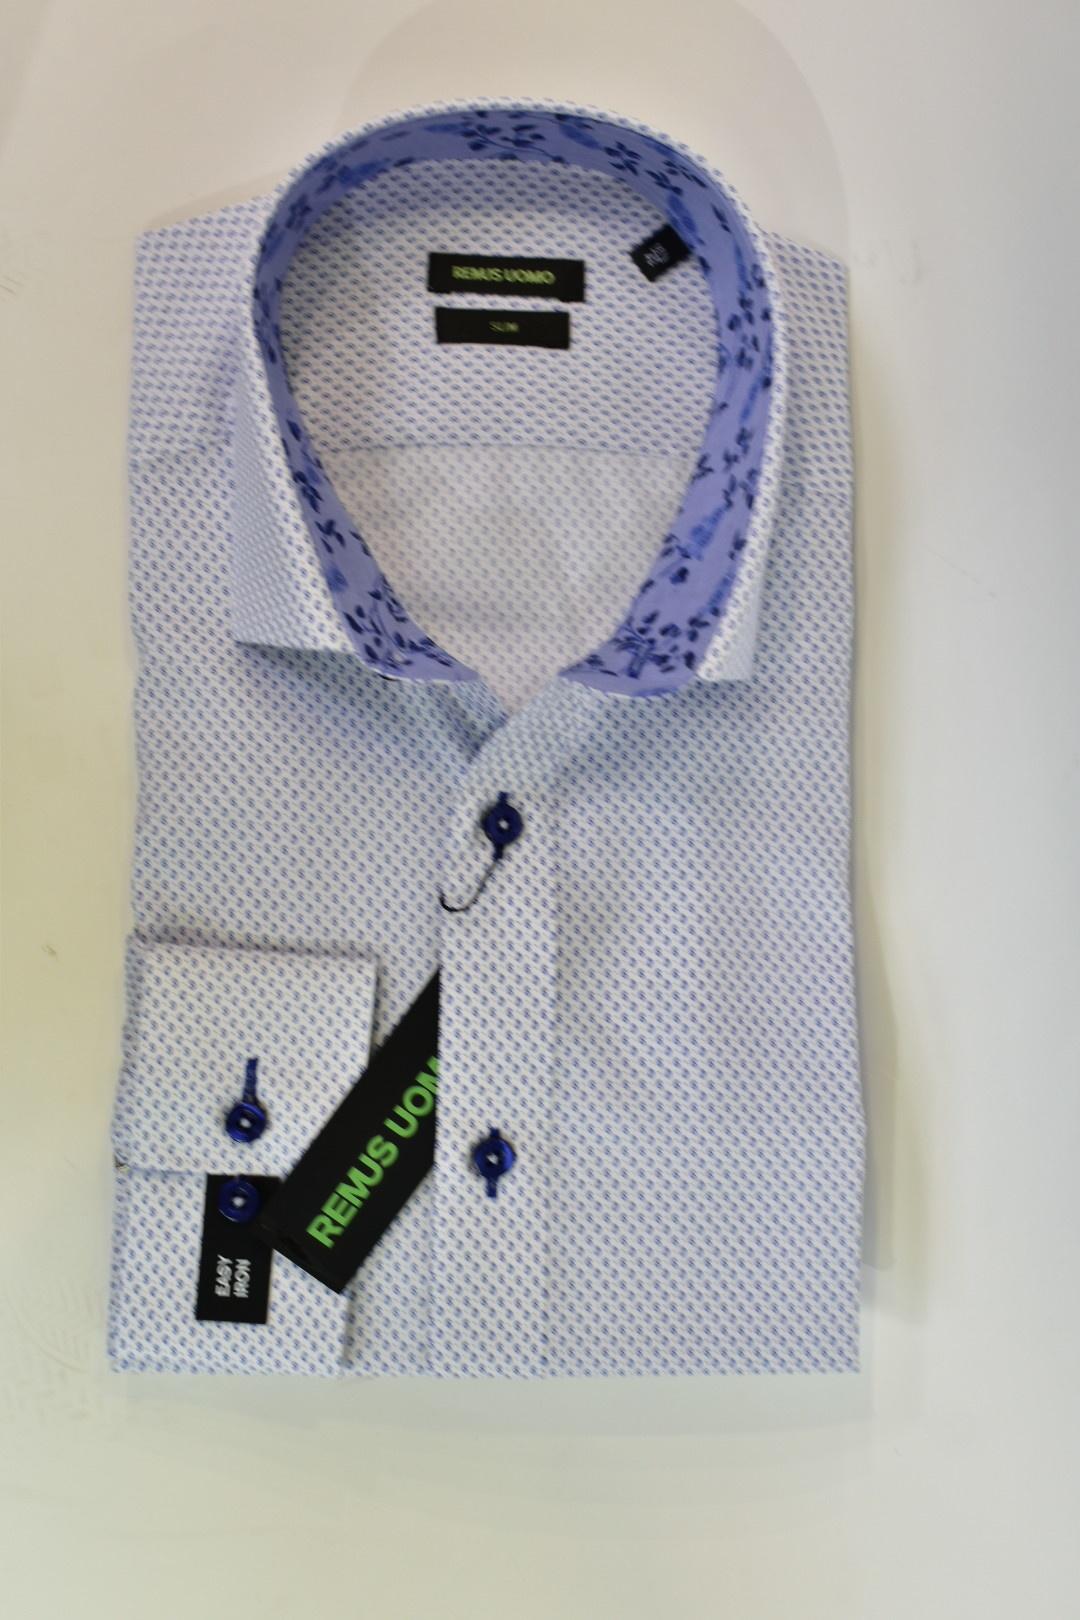 remus dg18432 Kirk shirt.